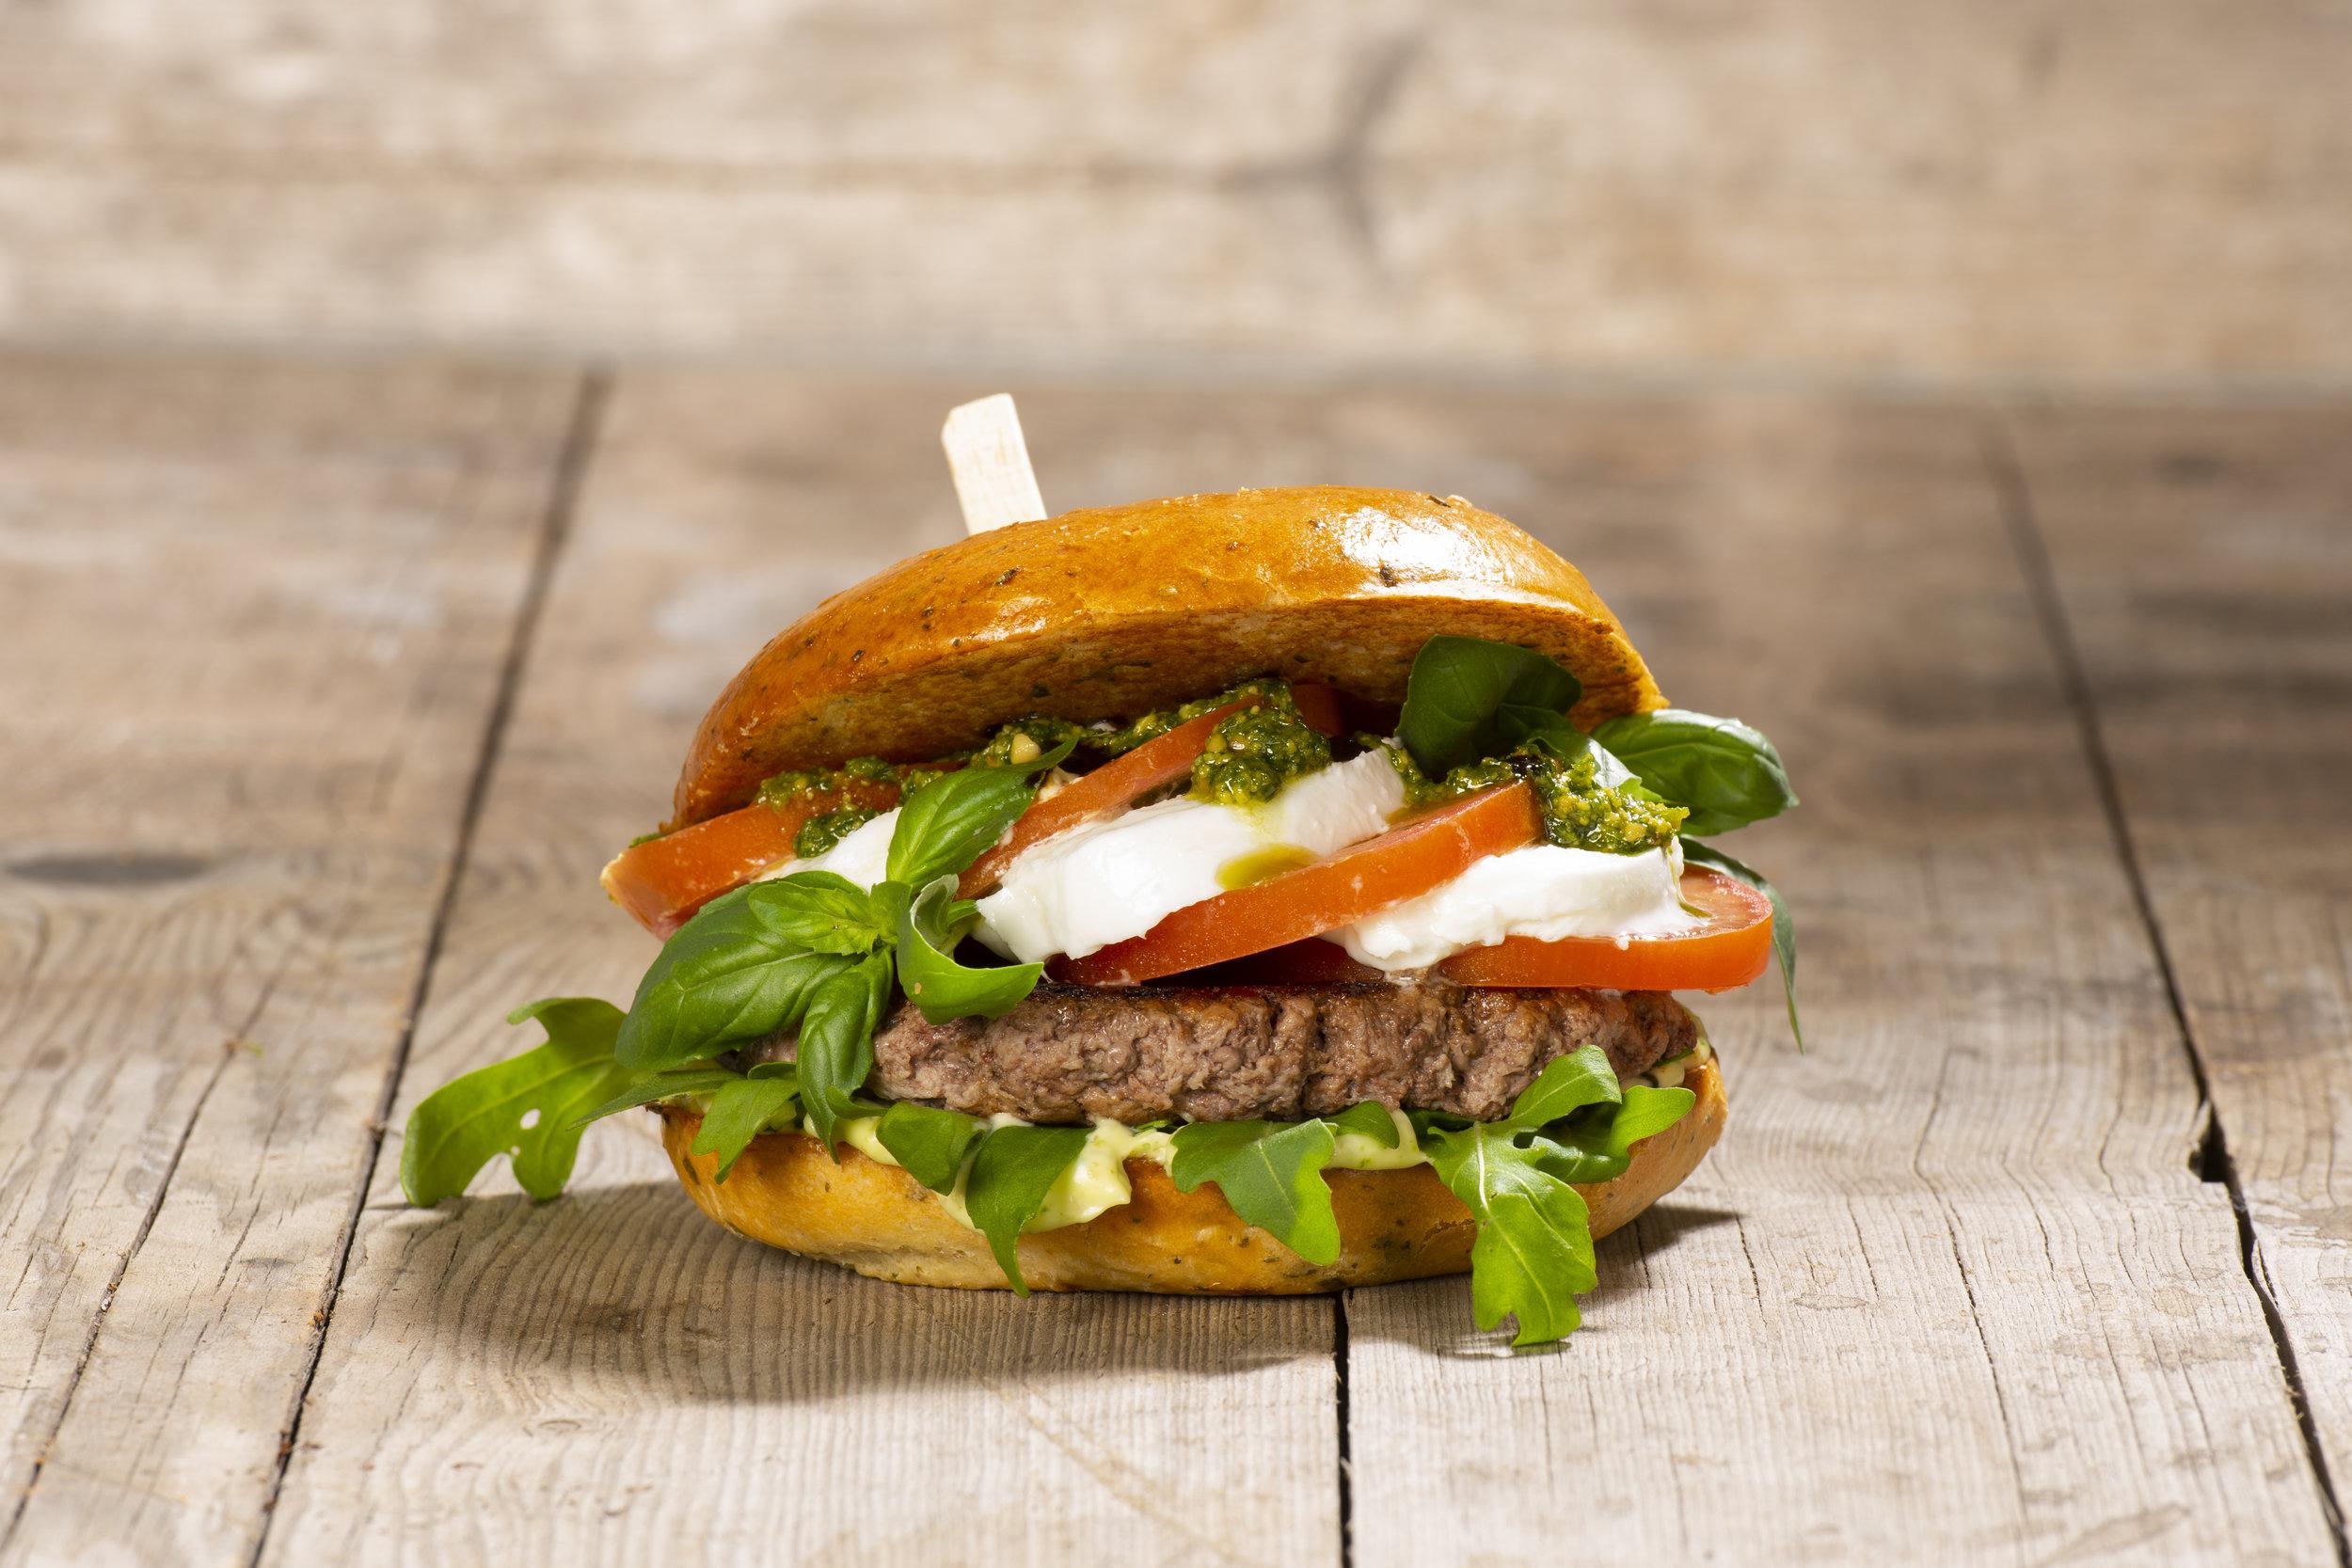 Caprese Burger - Mediterranes Brötchen, 200g Rindfleisch, Tomaten, Büffelmozzarella, Pesto-Mayonnaise, Balsamico-Creme